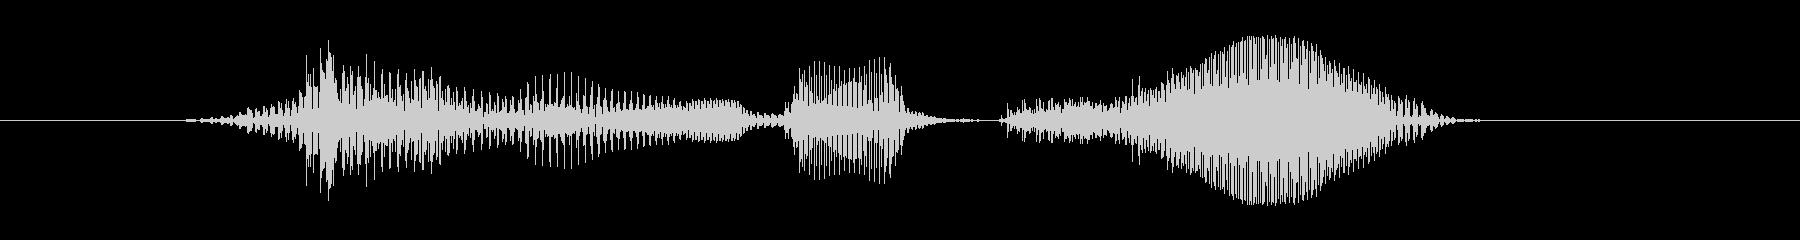 ラウンドツーの未再生の波形